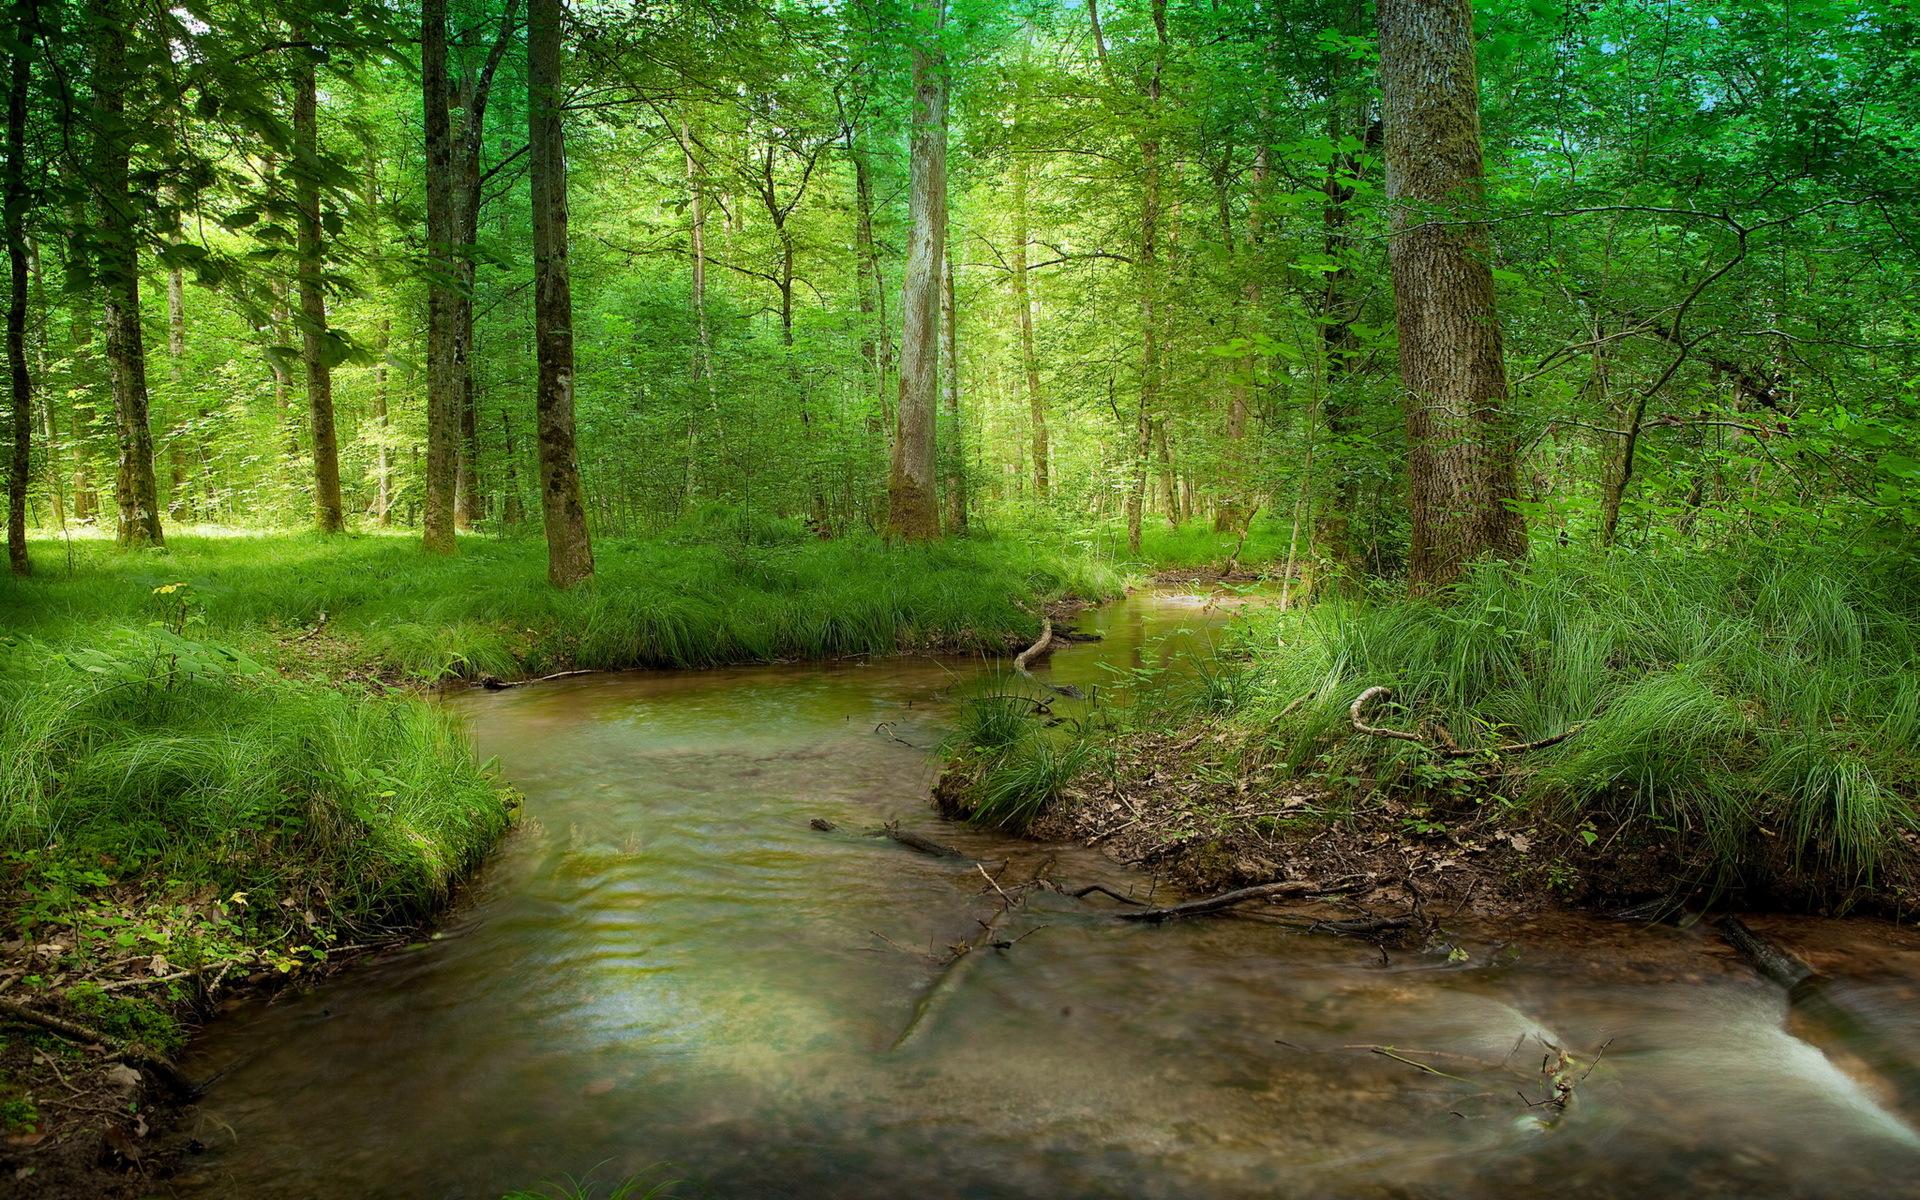 река лес  № 2789144 бесплатно